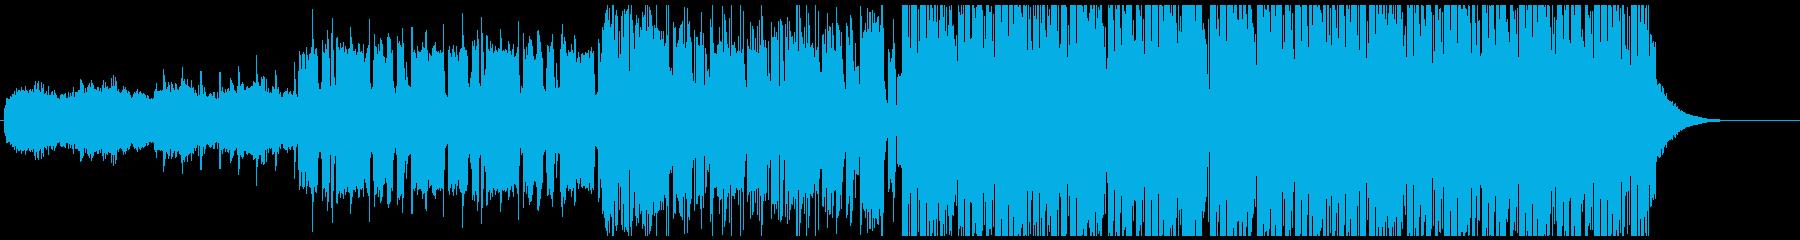 ディープハウス風の爽やかなEDMの再生済みの波形